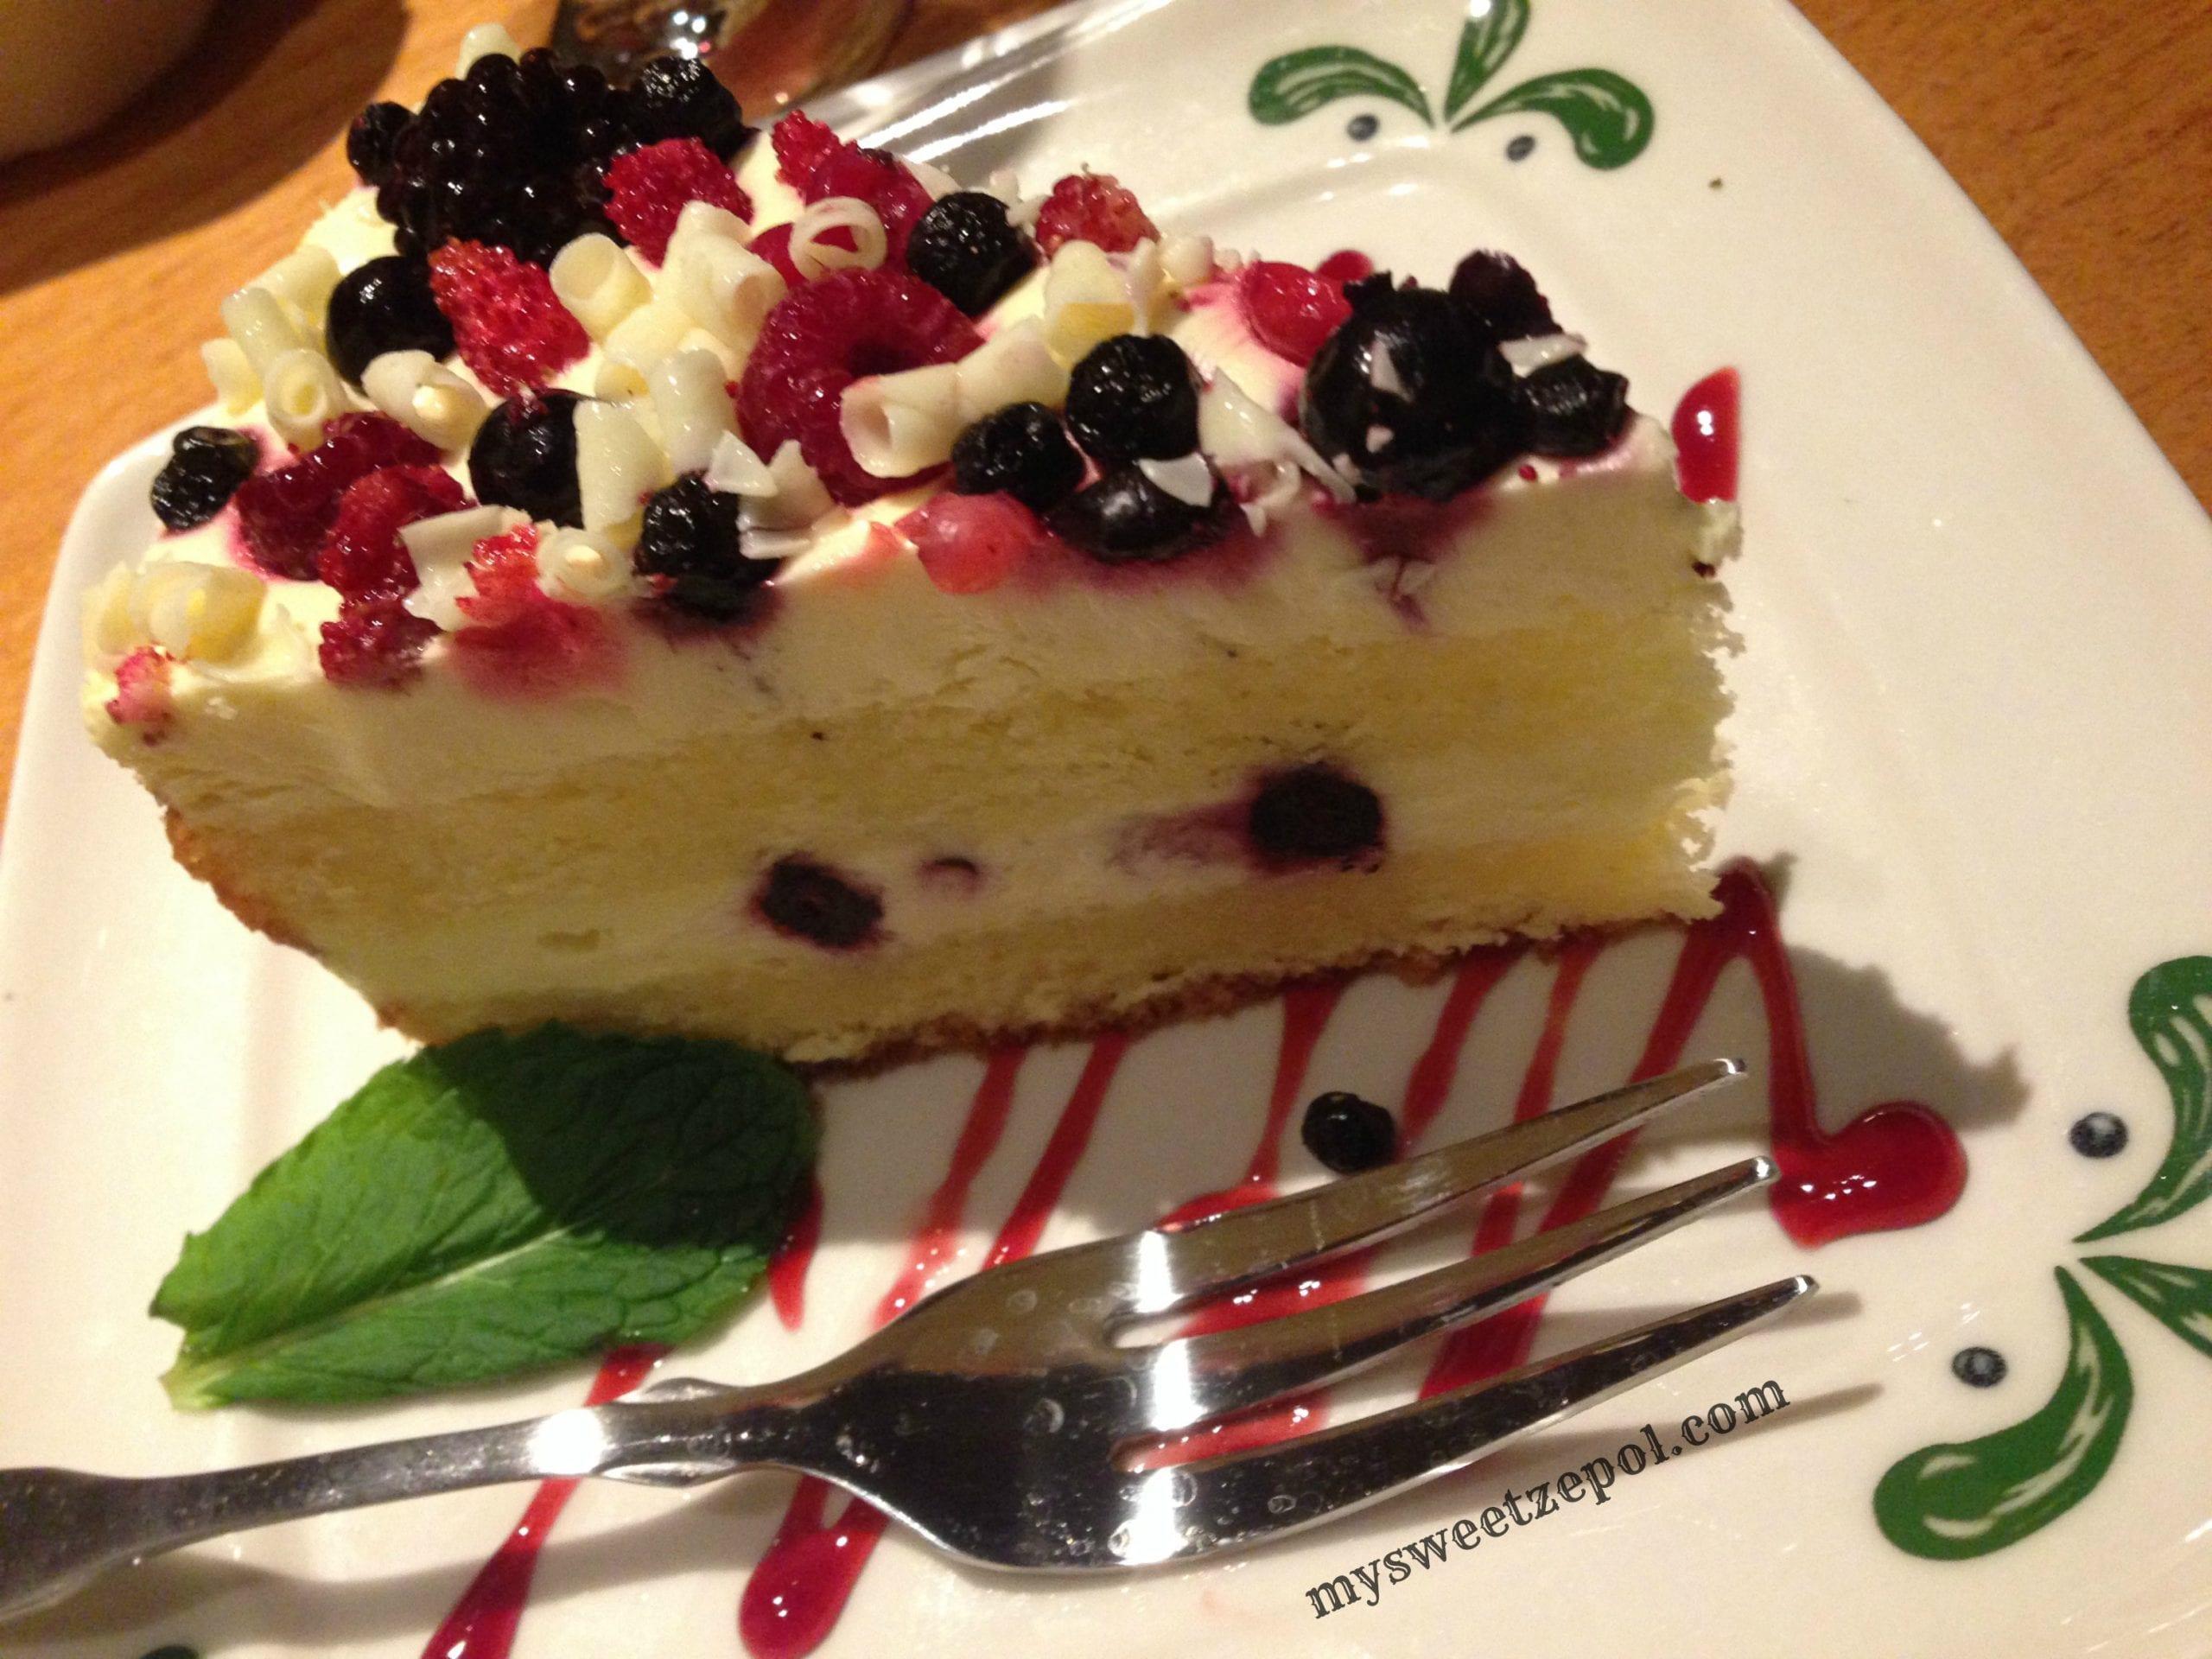 Tasting Olive Garden - My Sweet Zepol